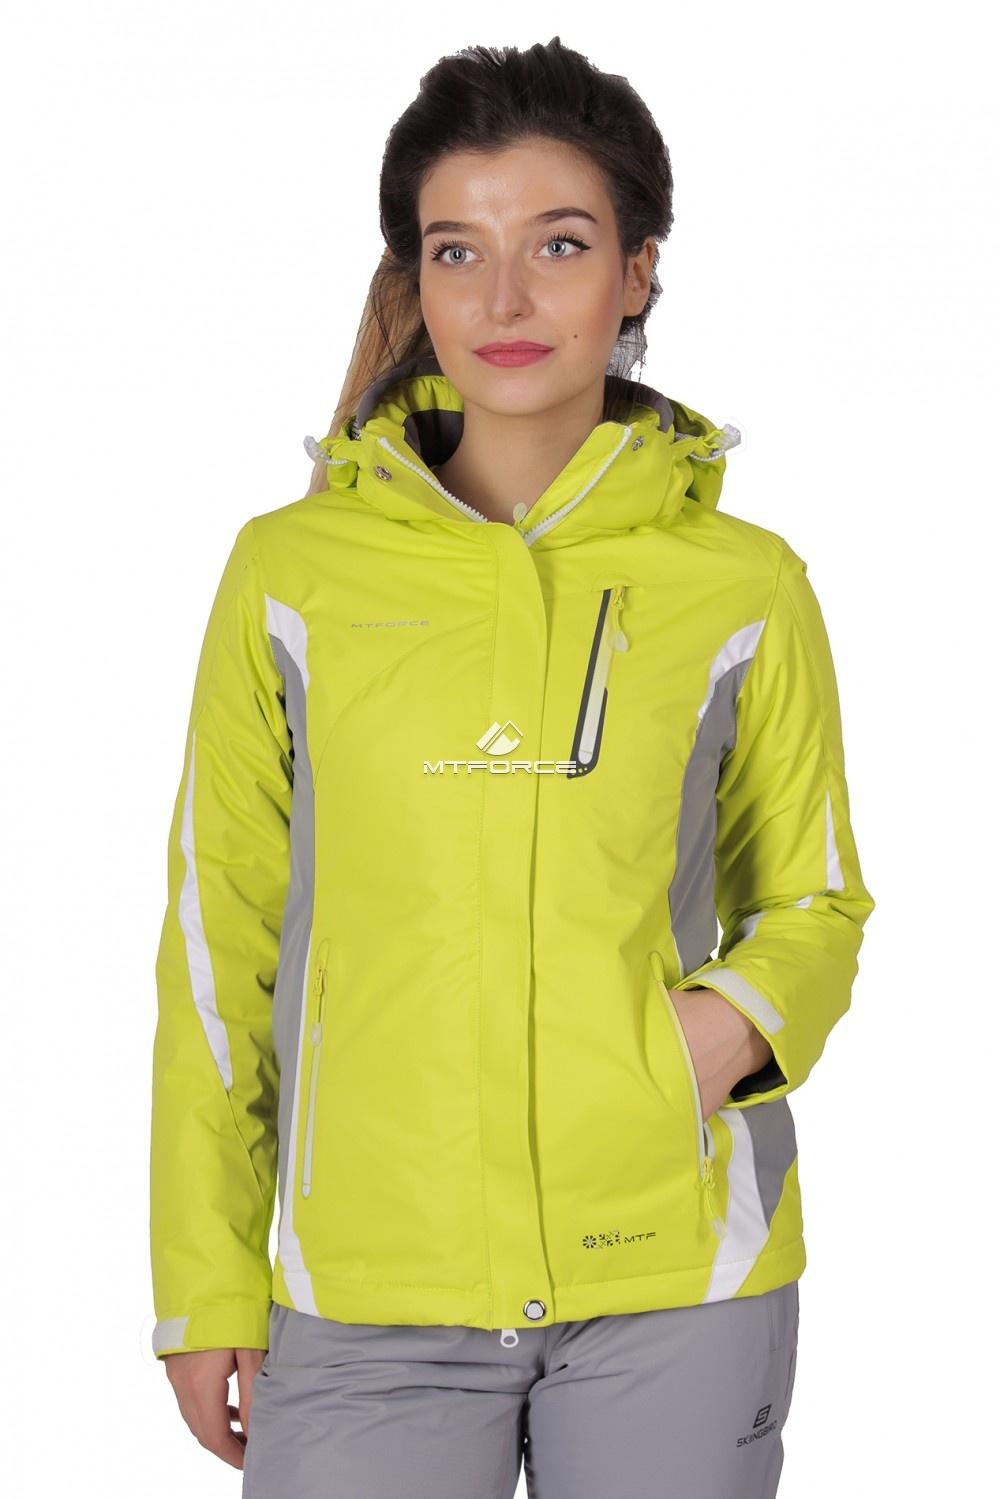 Купить                                  оптом Куртка спортивная женская осень весна желтый цвета 1717J в Новосибирске